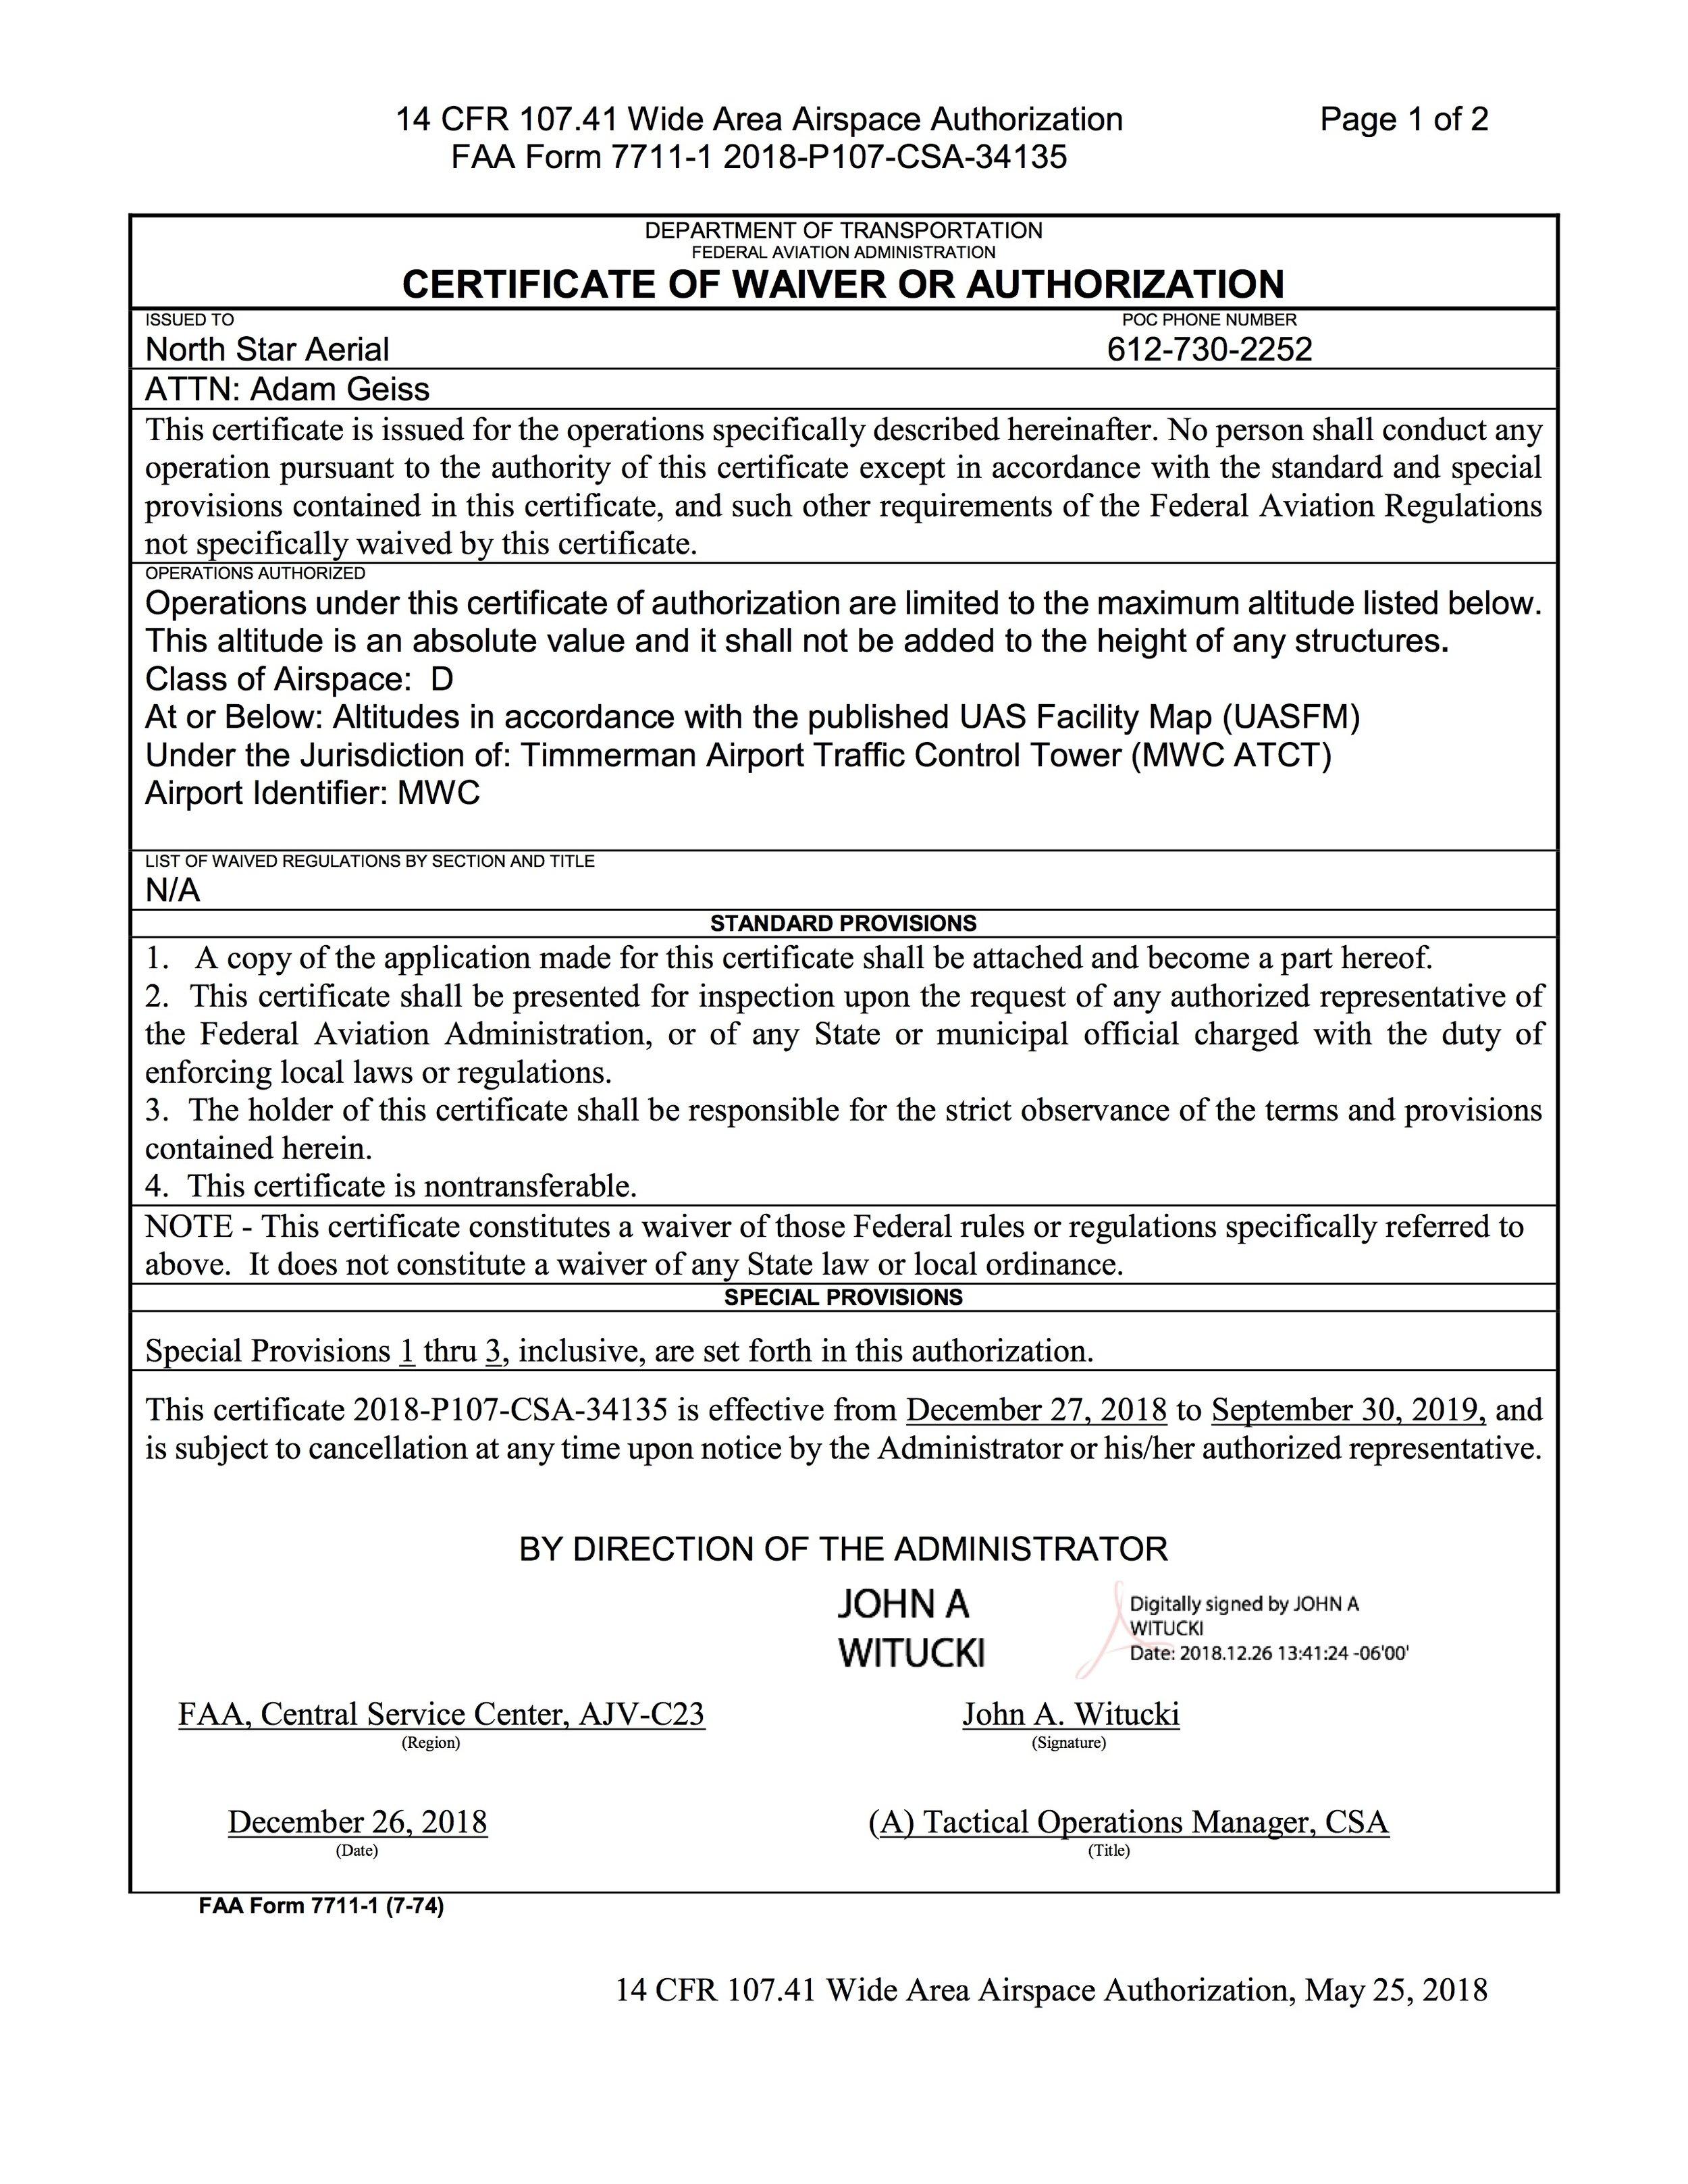 FAA Form 7711-1 2018-P107-CSA-34135 MWC.jpg